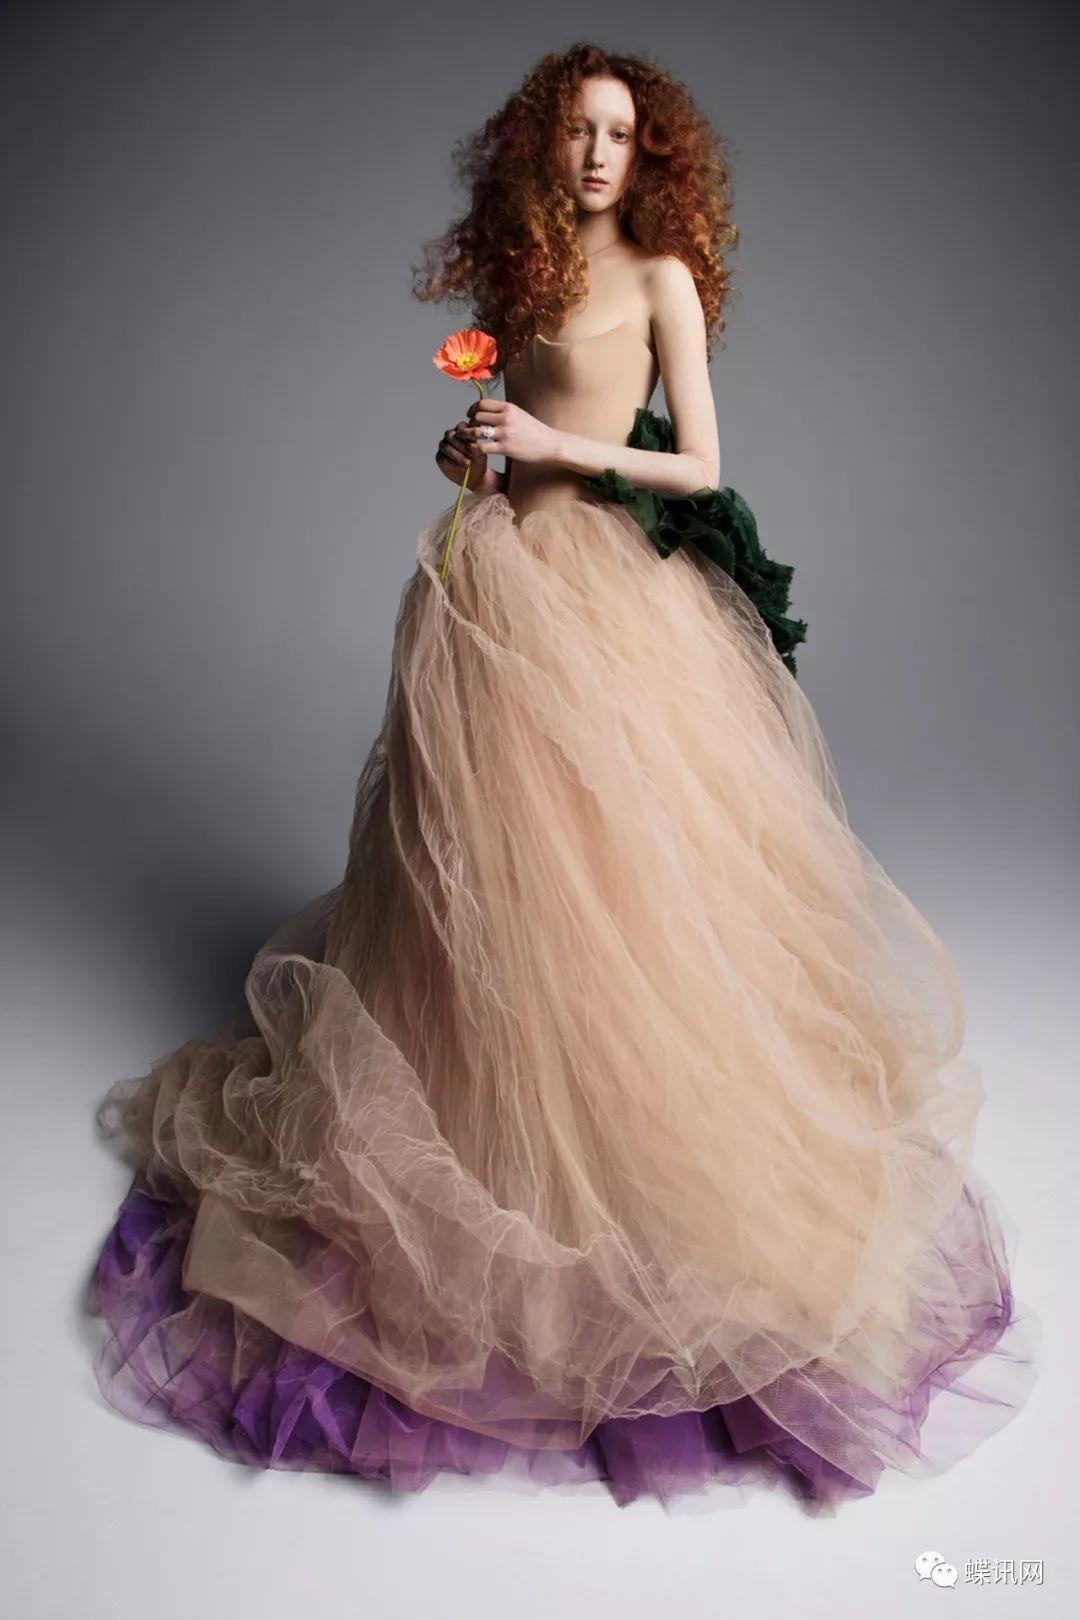 形容穿婚纱的女人_女人终其一生只想穿一次她设计的婚纱Vera Wang S/S 2019